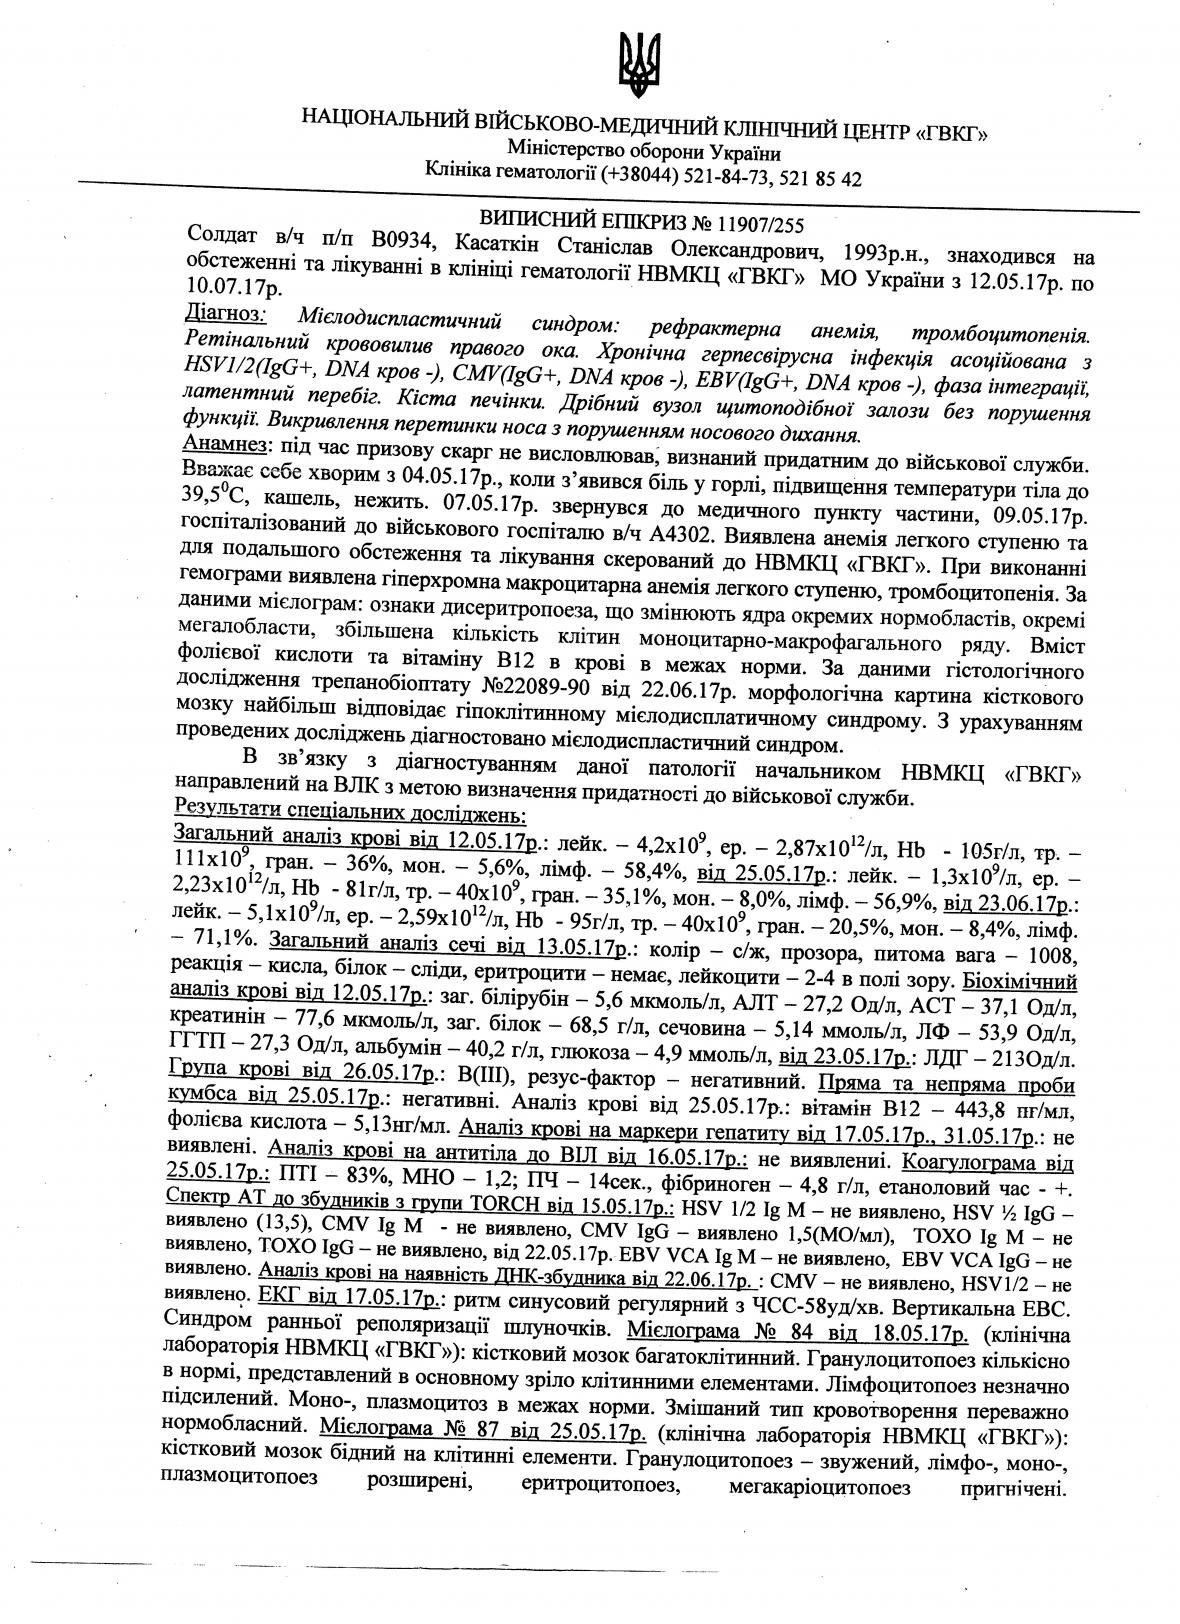 Криворожанин ушел служить в армию, а через несколько месяцев у него выявили страшную болезнь (ФОТО), фото-5